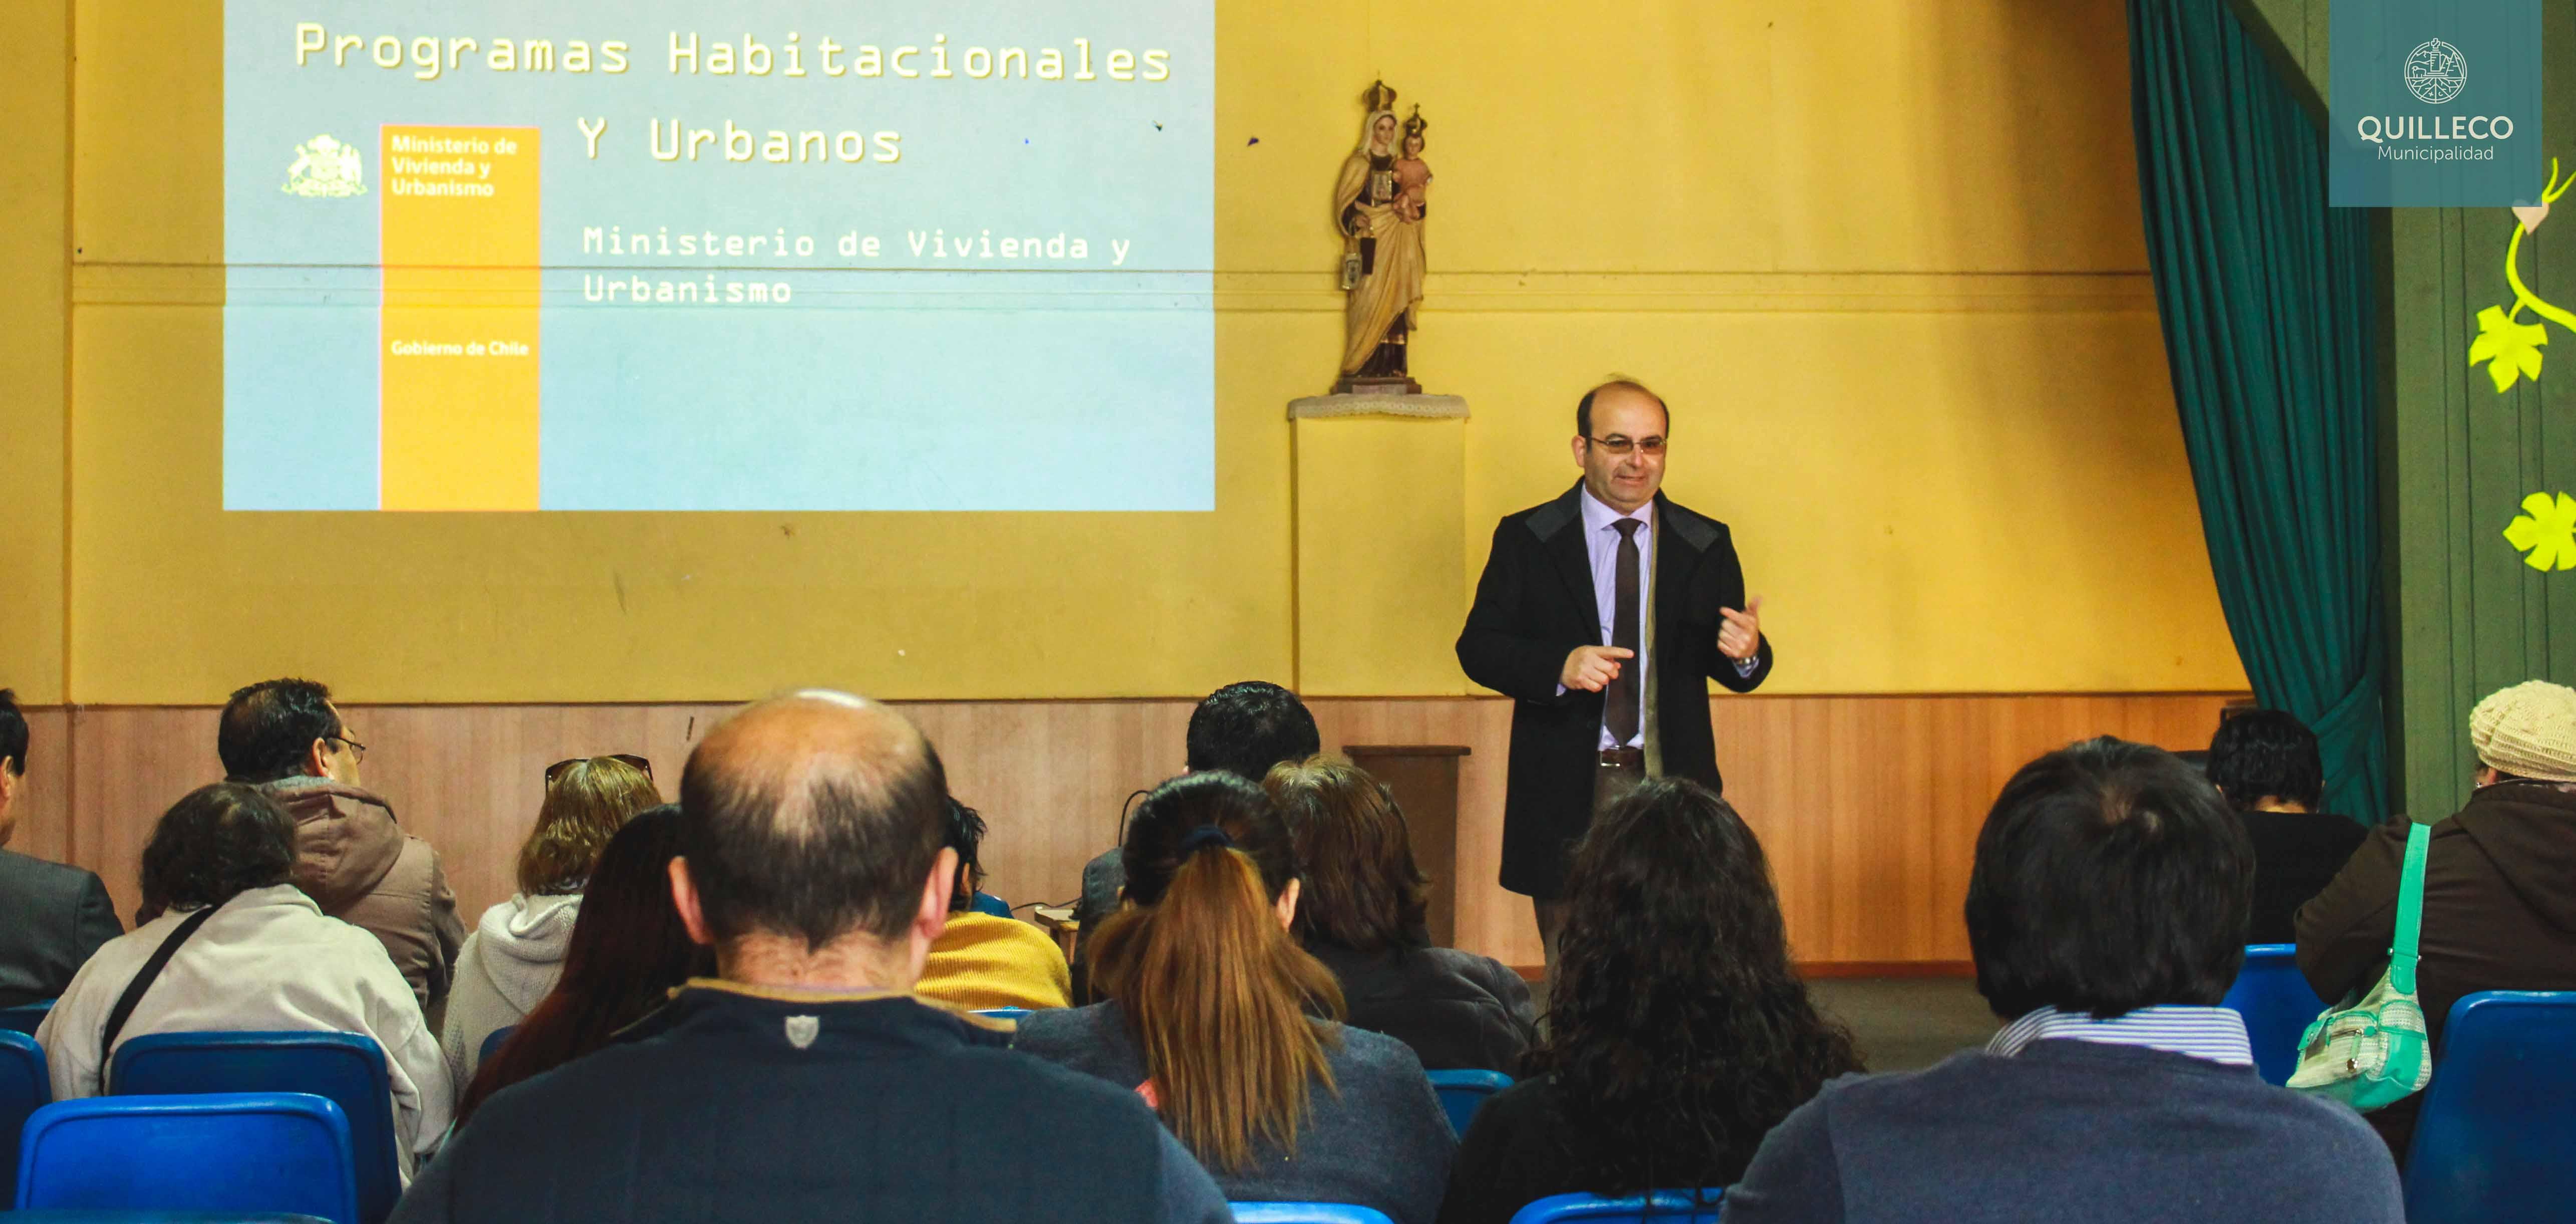 En salón auditorio de Quilleco se realizó charla de difusión sobre la oferta programática del MINVU por parte del SERVIU.